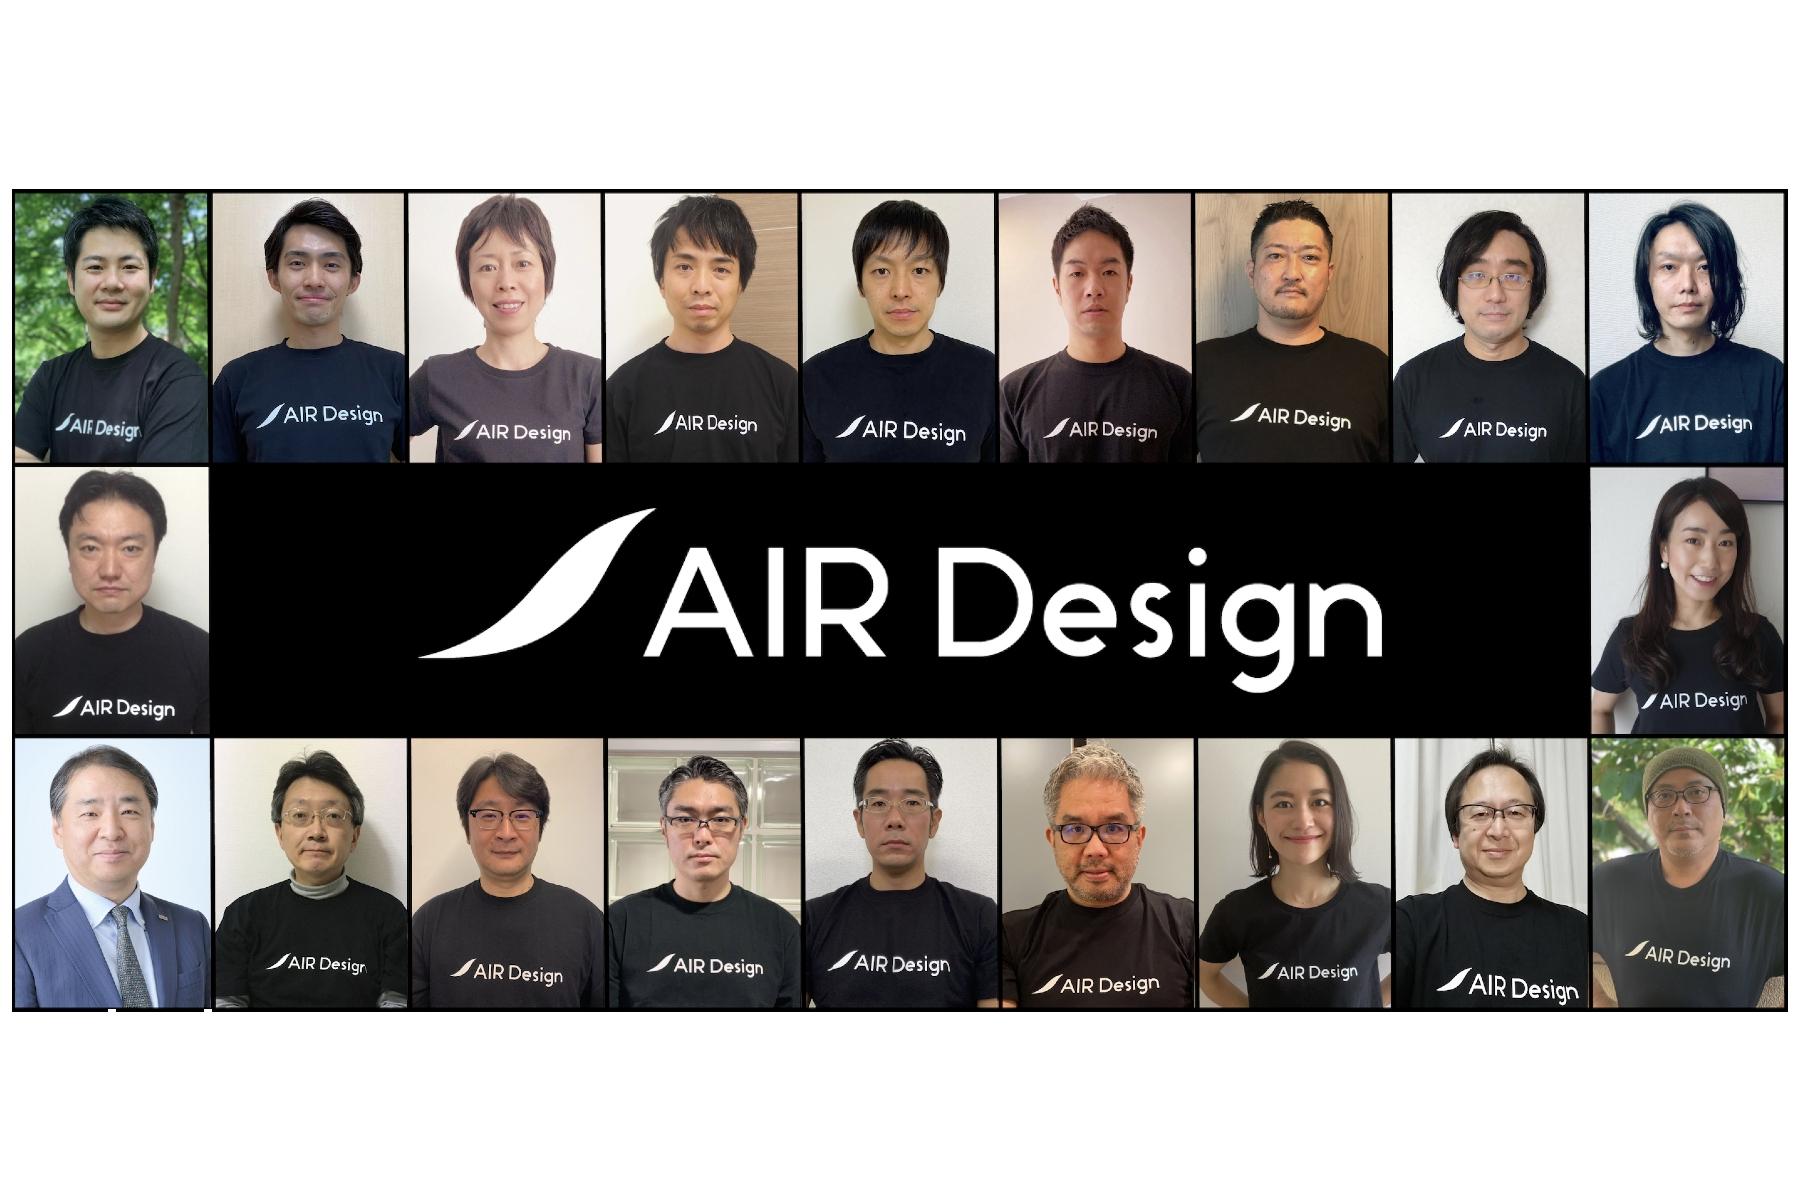 マーケティングデザイン高速提供サービス「AIR Design」を拡大中のガラパゴス、 初の資金調達を実施